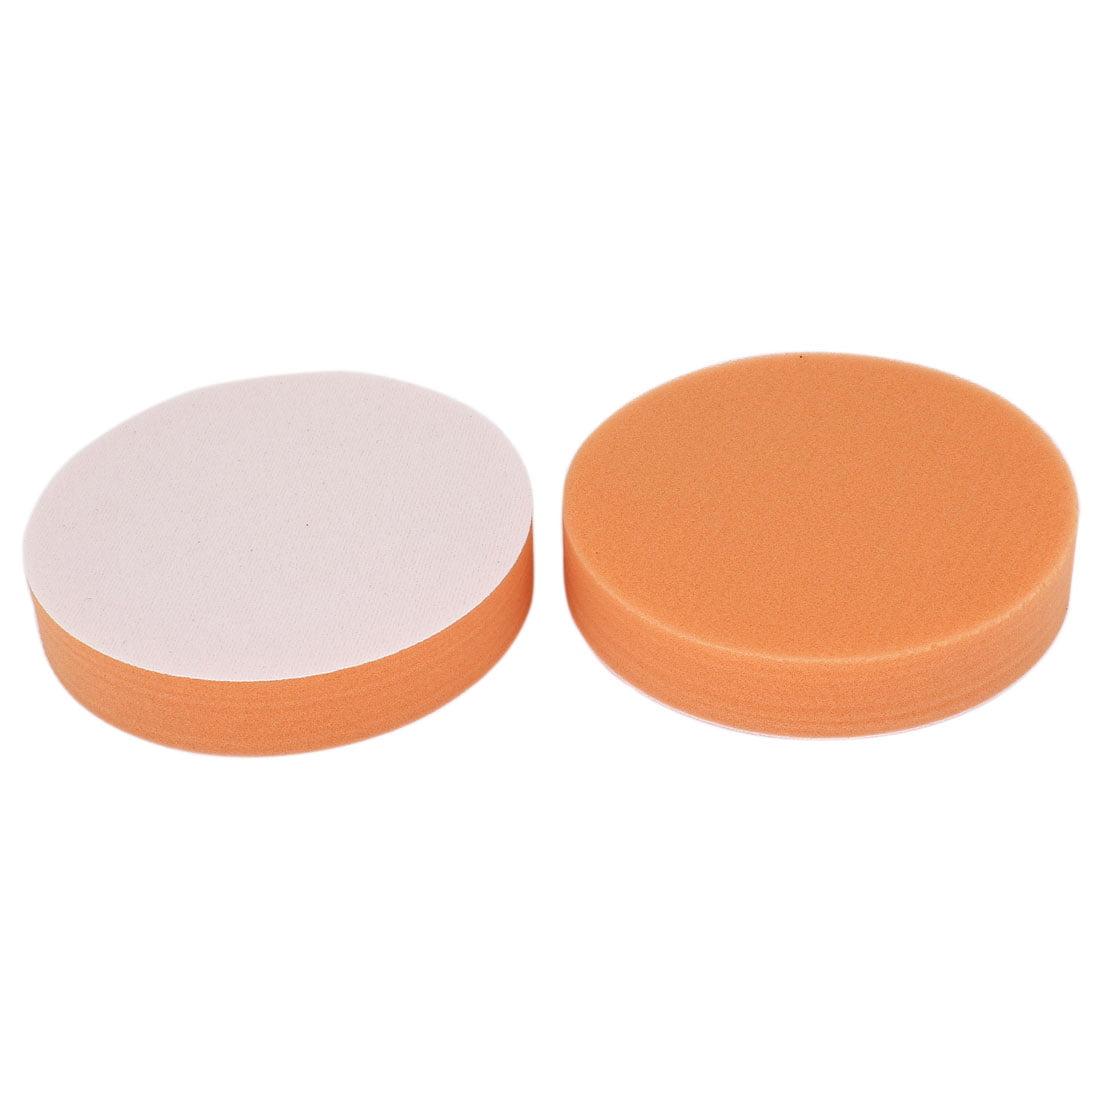 Car 2pcs Round Polishing Sponge Cleaning Pads Orange 13x2.5cm - image 2 of 2